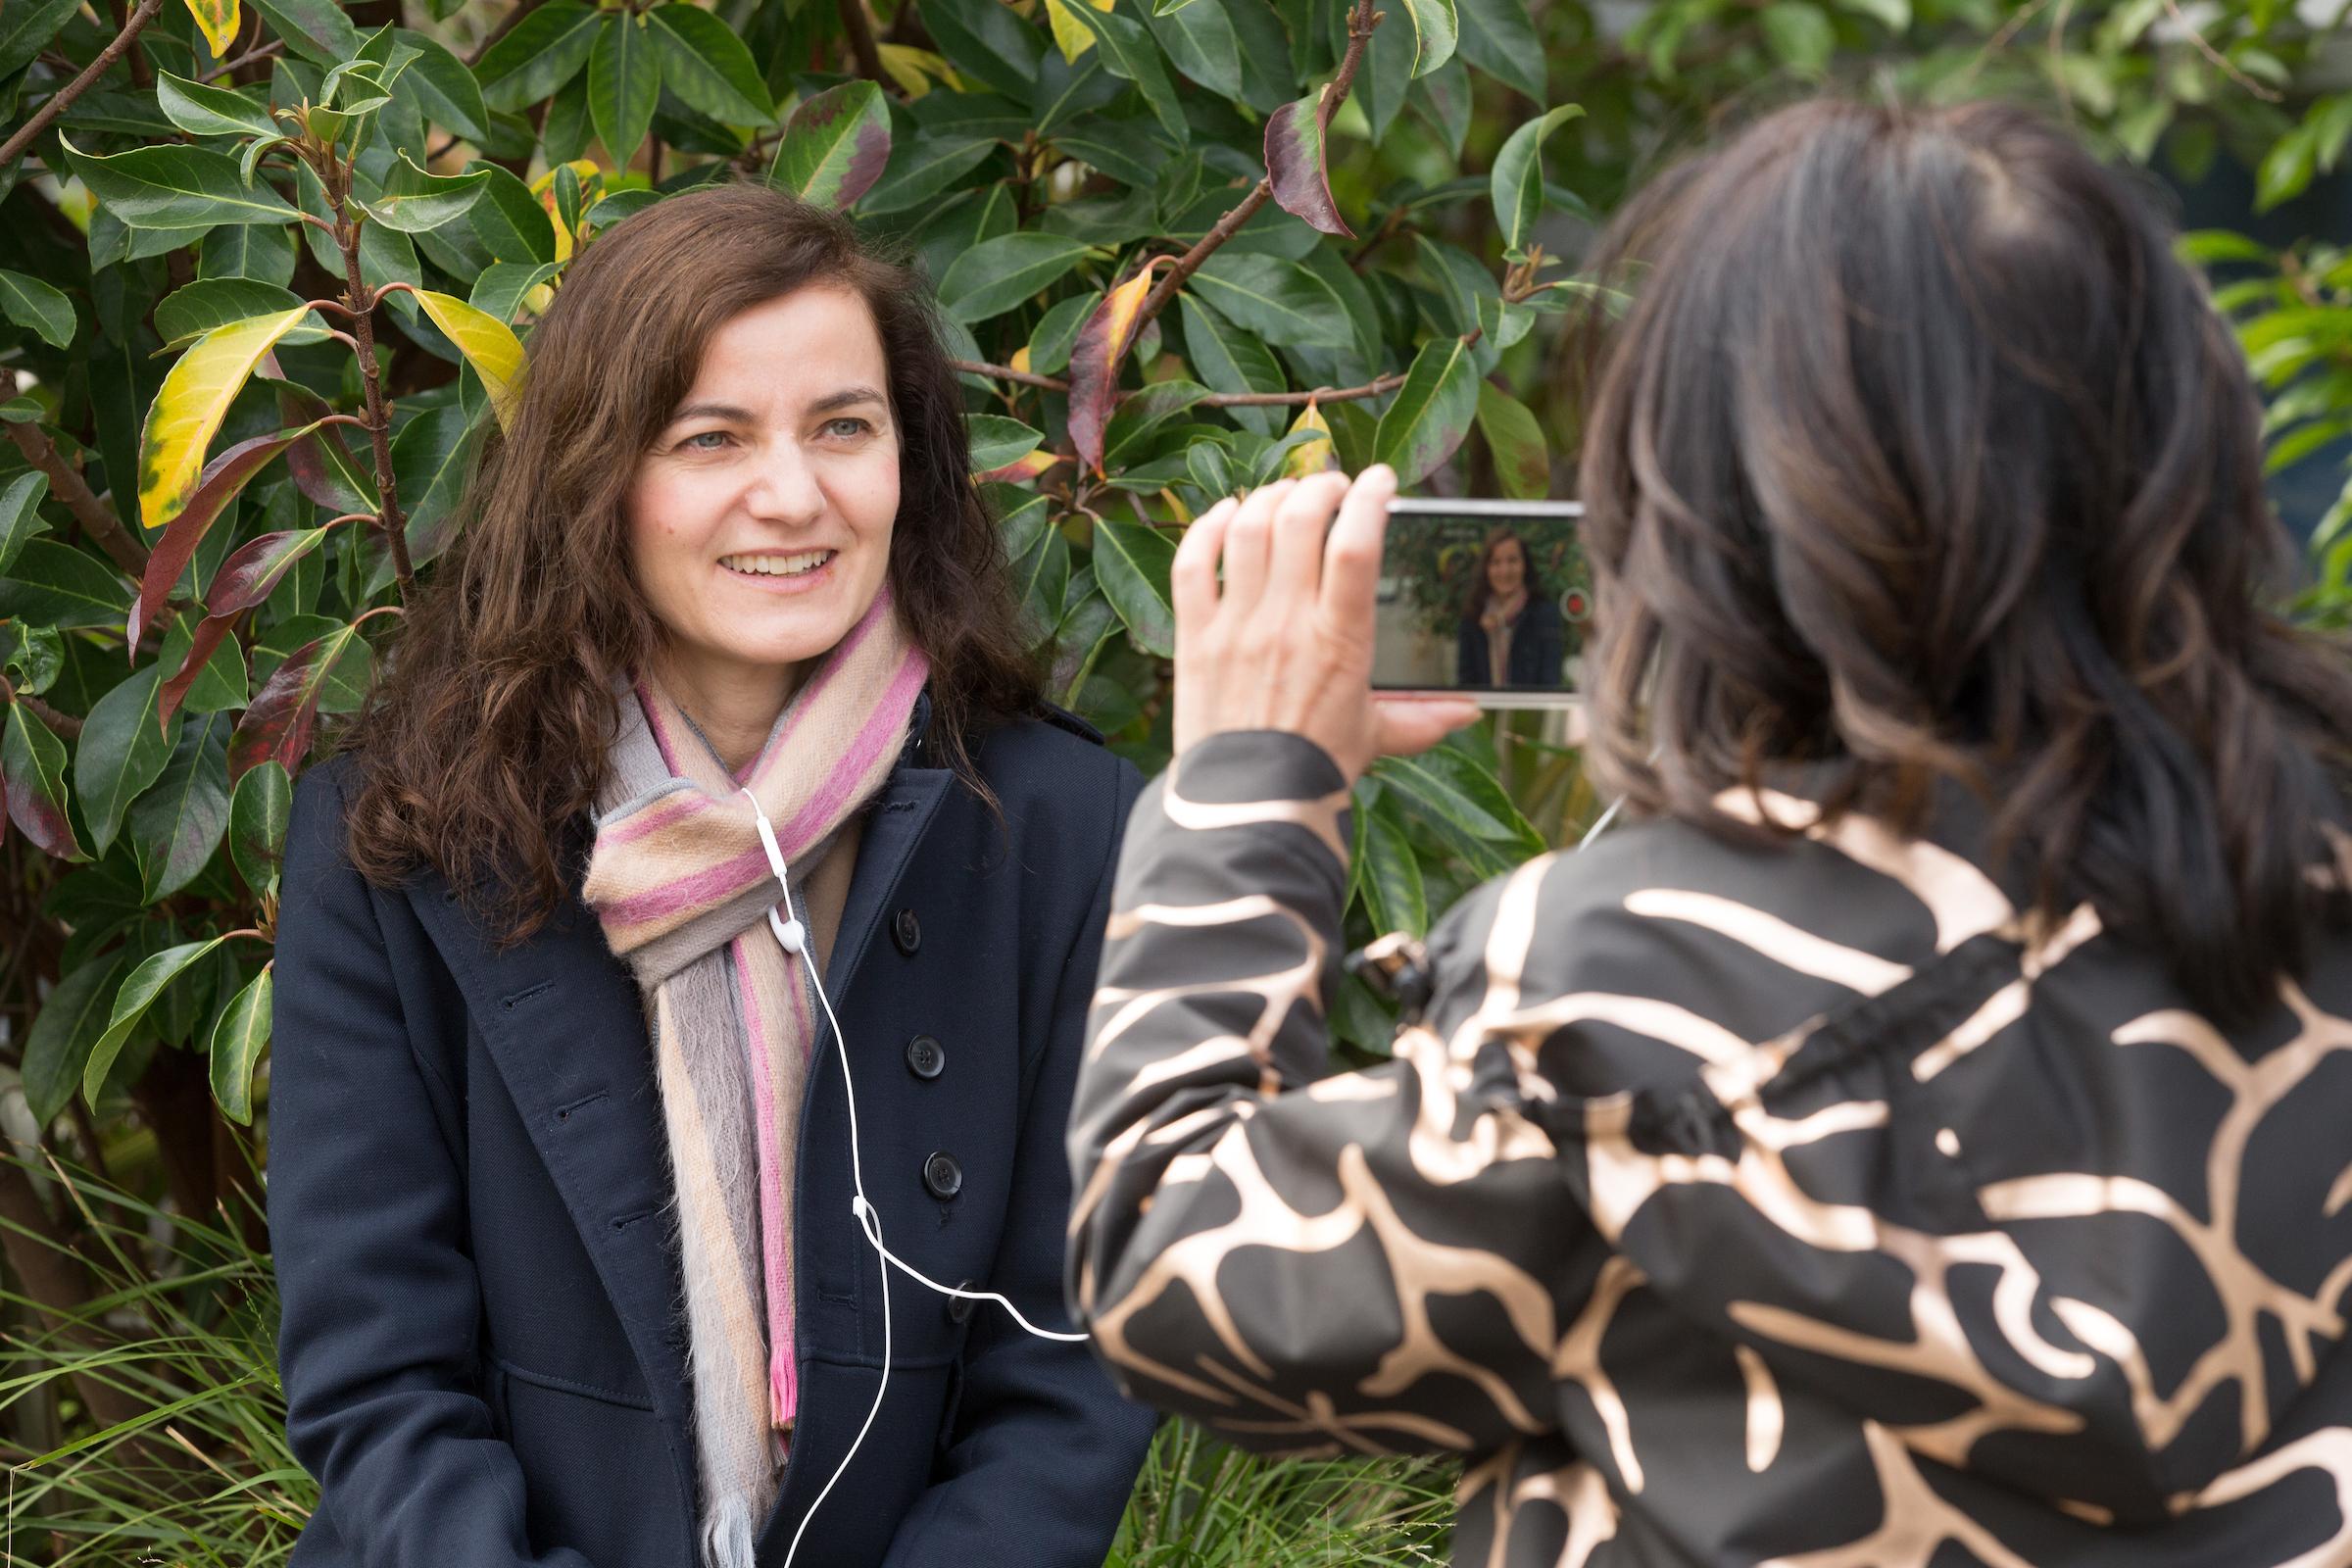 Lara Kaput, SaySorry.org